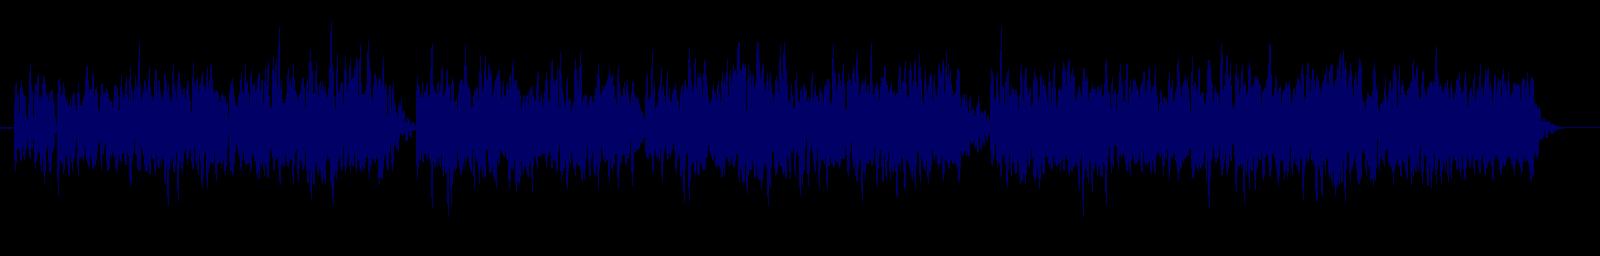 waveform of track #93626